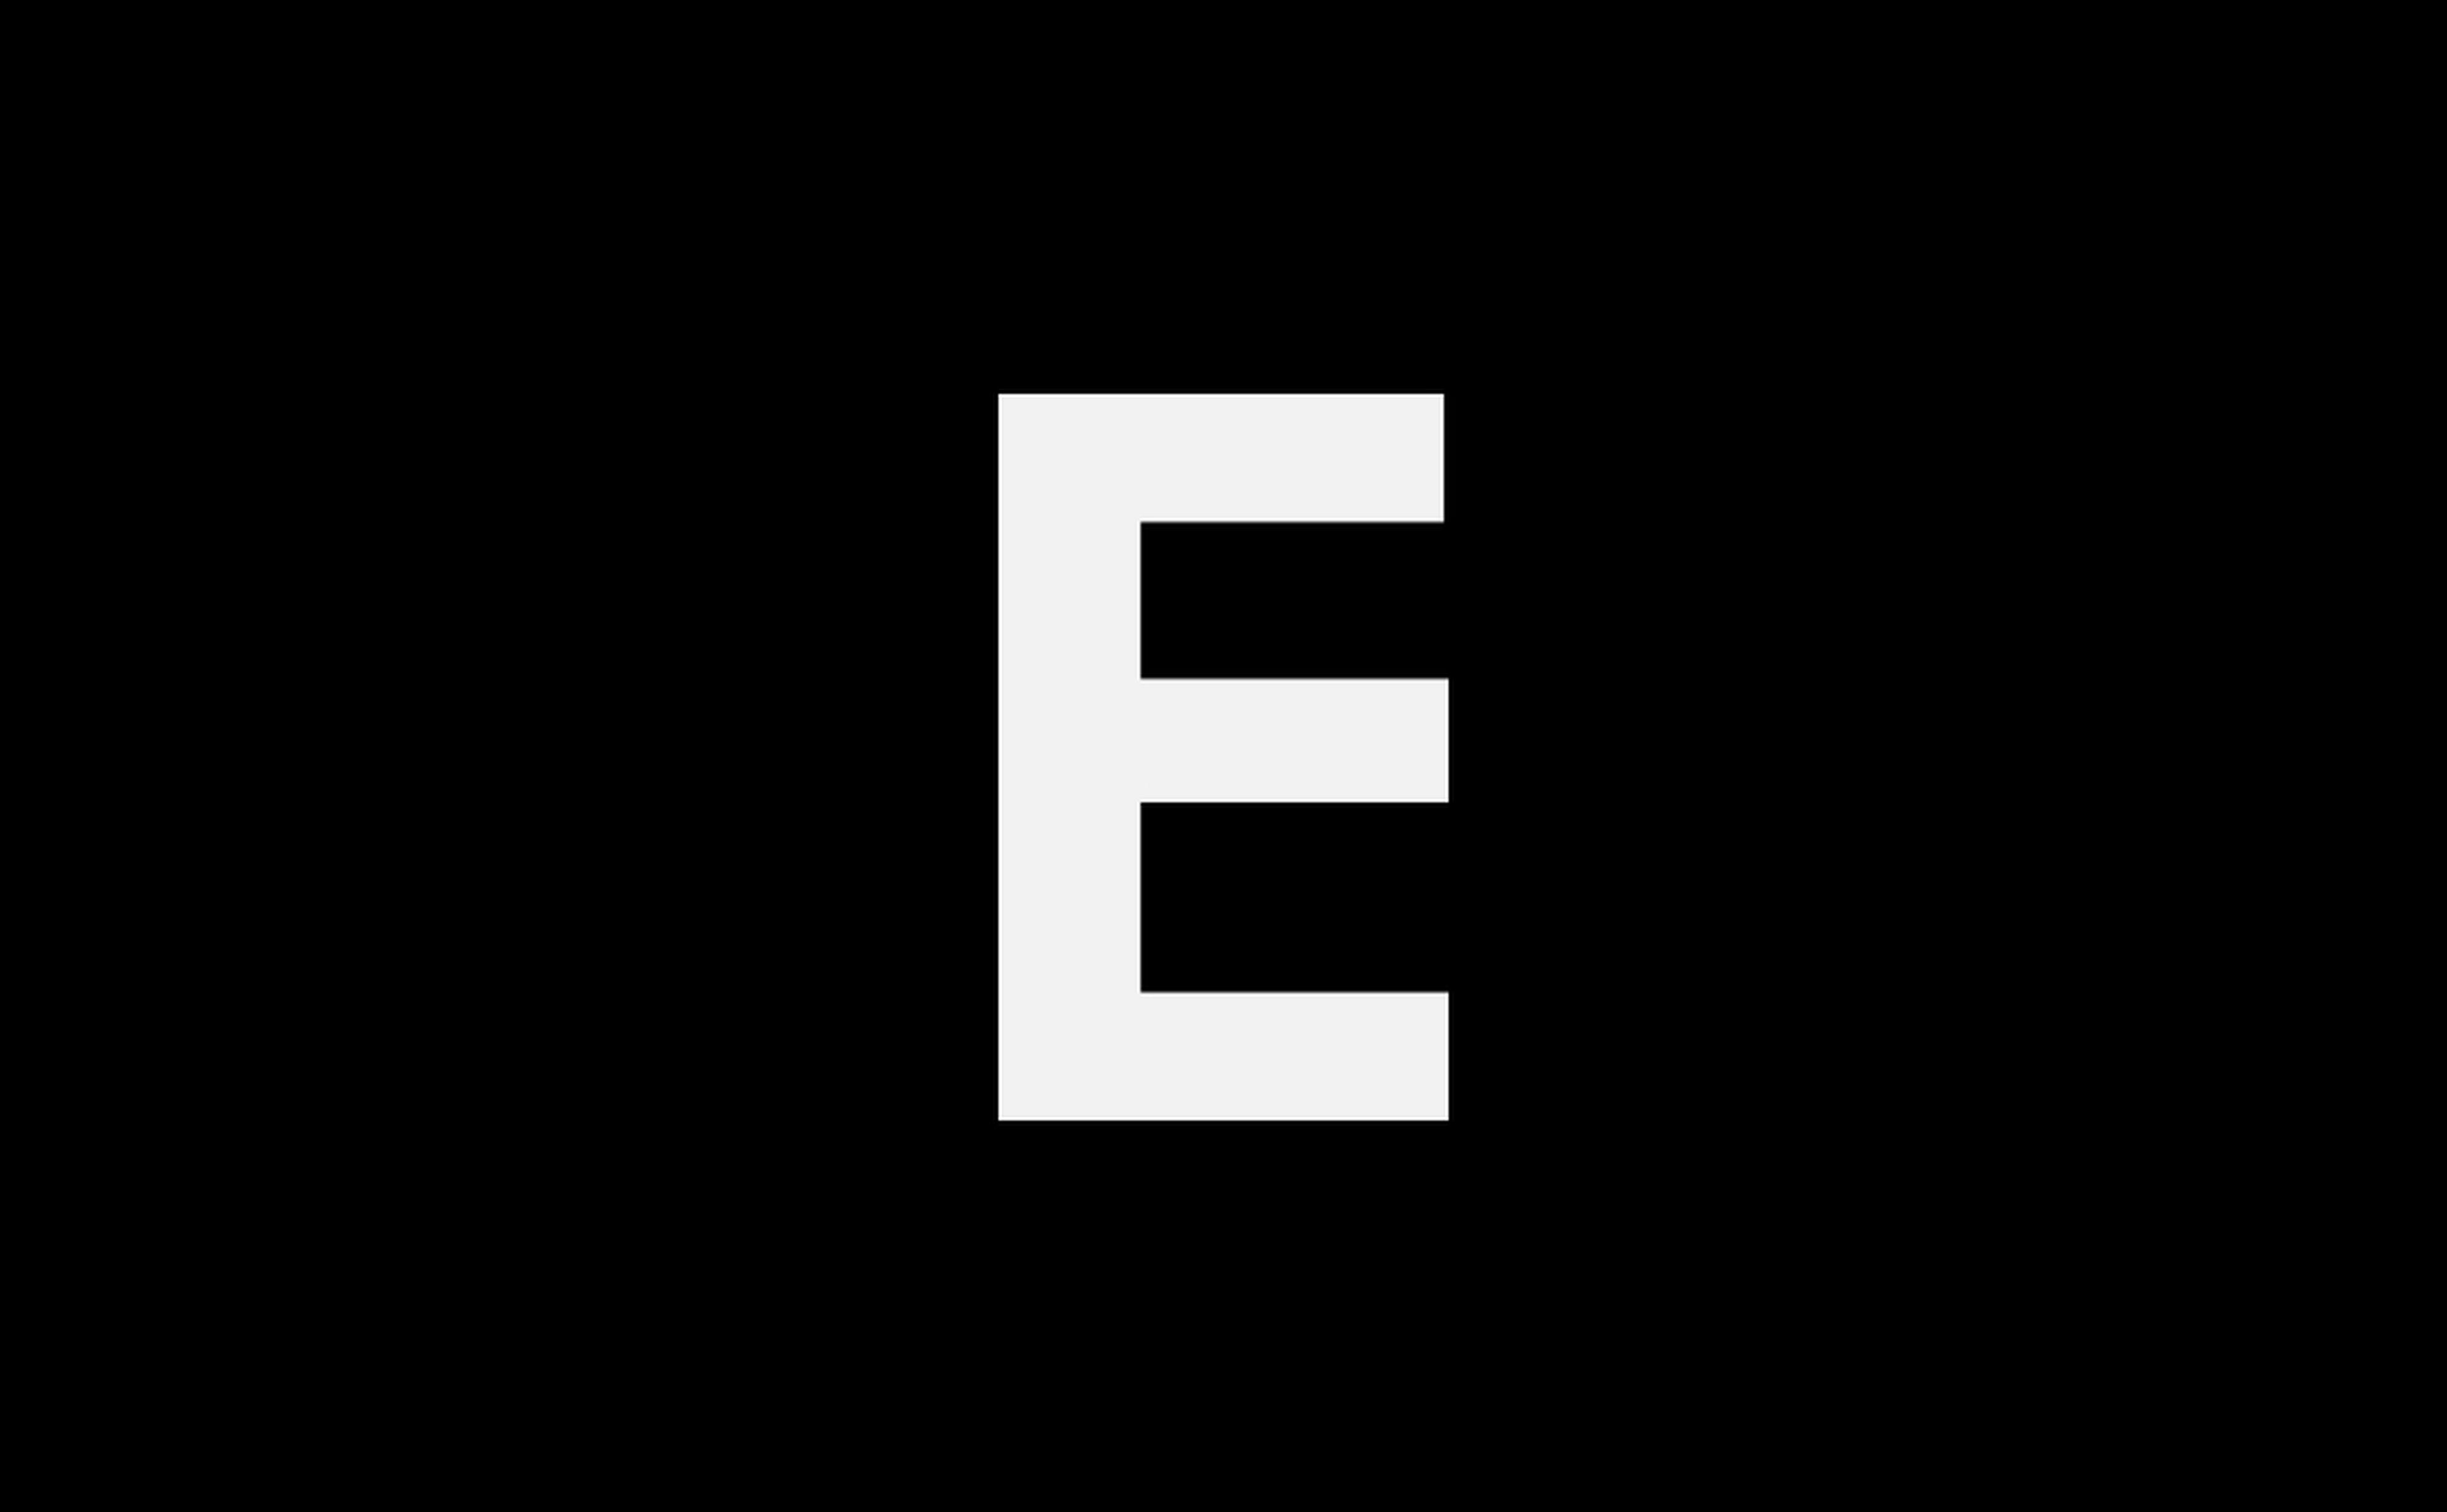 Bugün Gunlerden Beşiktaş ❤ Olsun 😊 Dedim Ama Olmadi Tabikide Kemdimi öğle Avuttum Işte 😊 Futbolla Takımla Hic Alakam Yokken Ama Bi Forma Manyağı Olan  Ben 😄 Samsung Samsung Galaxy S6 Edge Nofilter